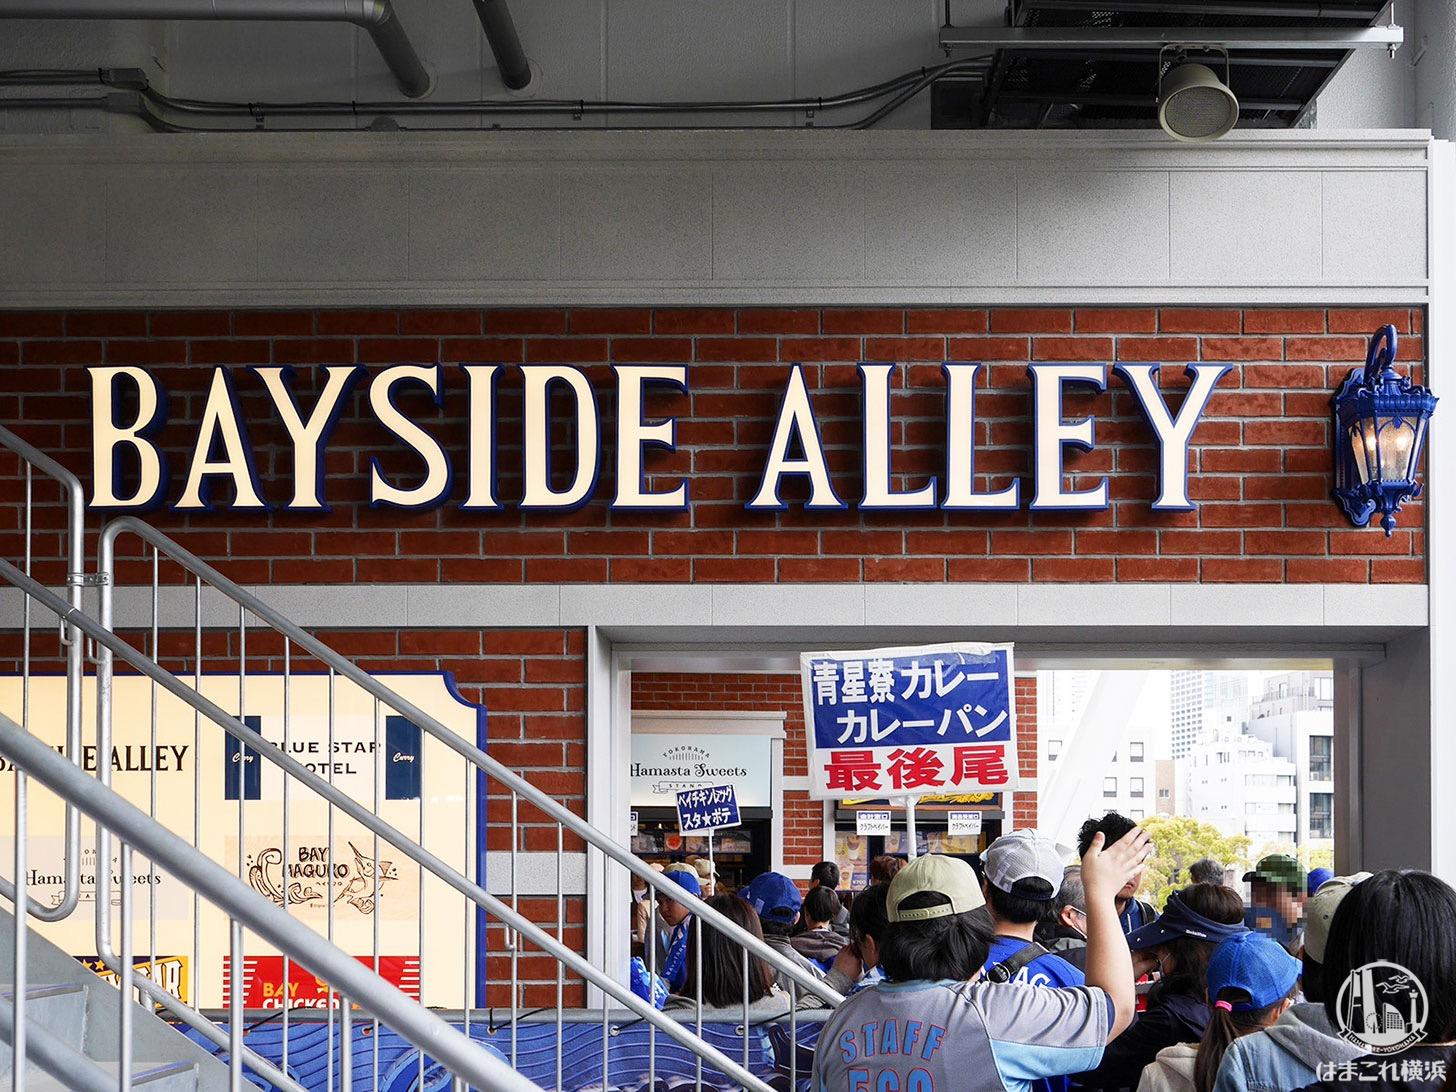 横浜スタジアム「ベイサイド・アレイ」でハマスタグルメ、マグロ丼とチキンレッグ!